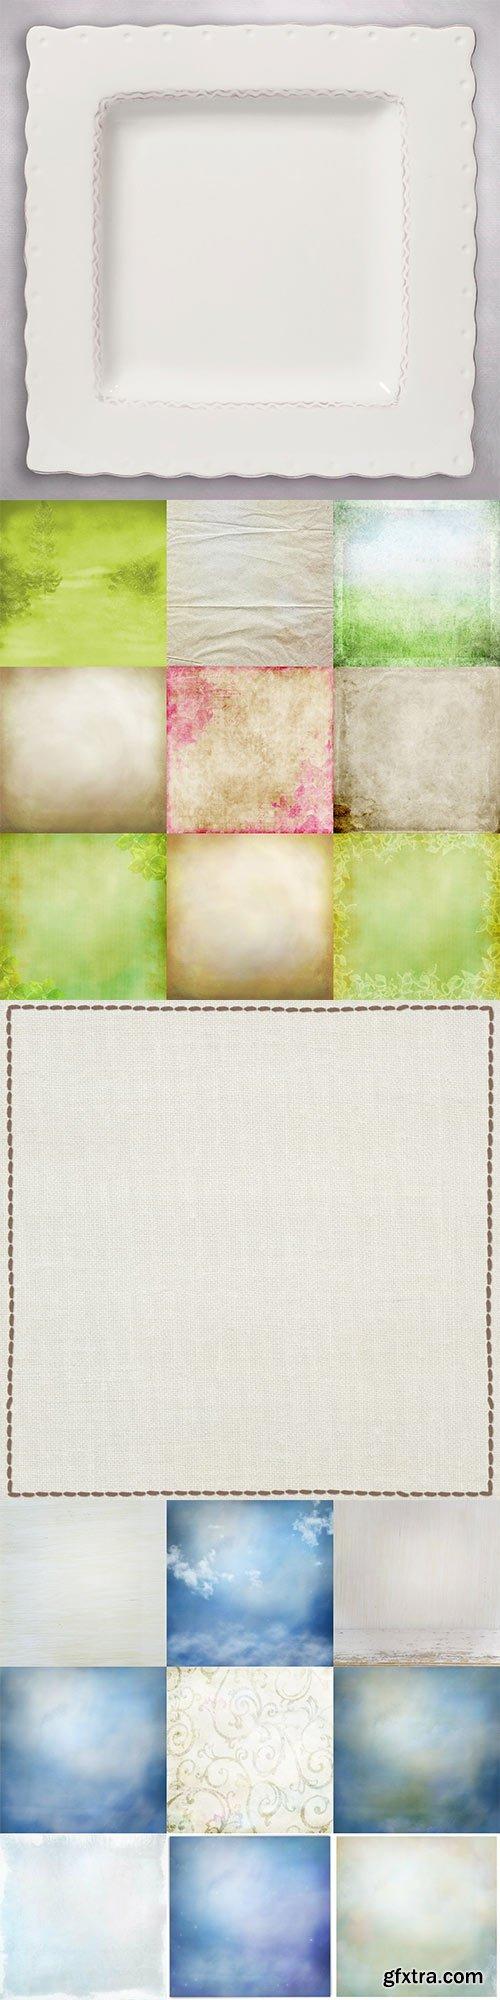 Textures mix - 35